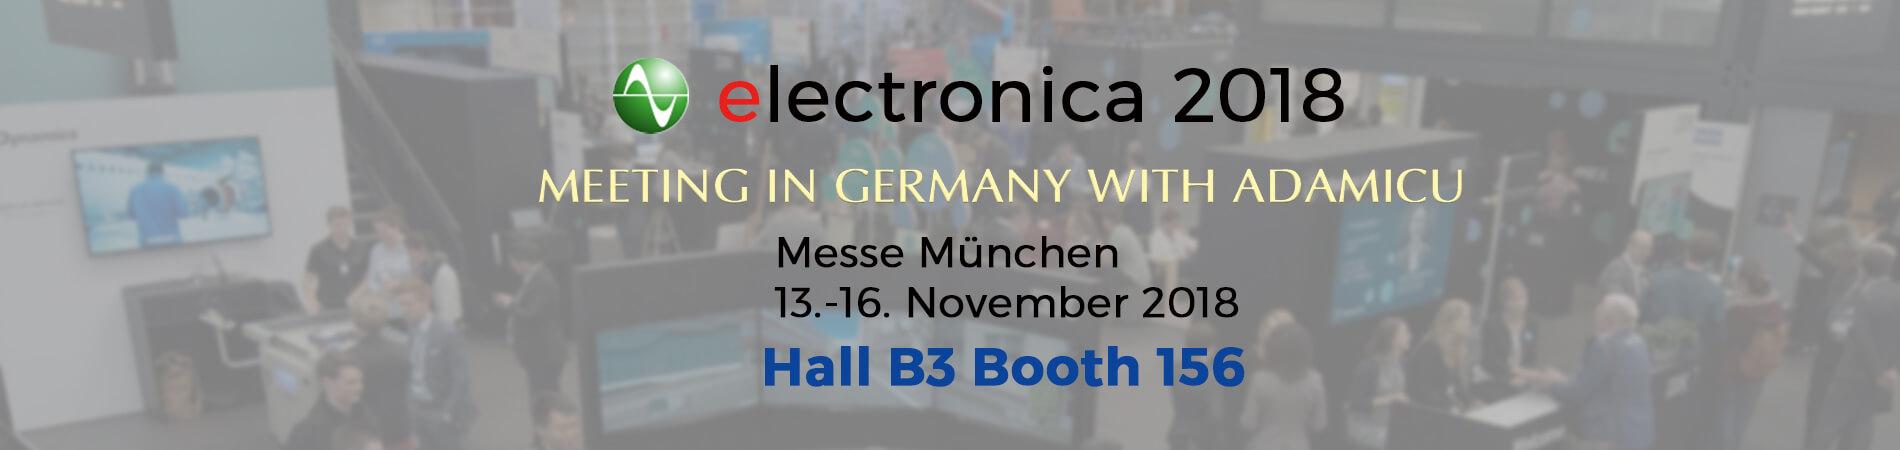 ADAMICU 2018 Germany Munich electronica